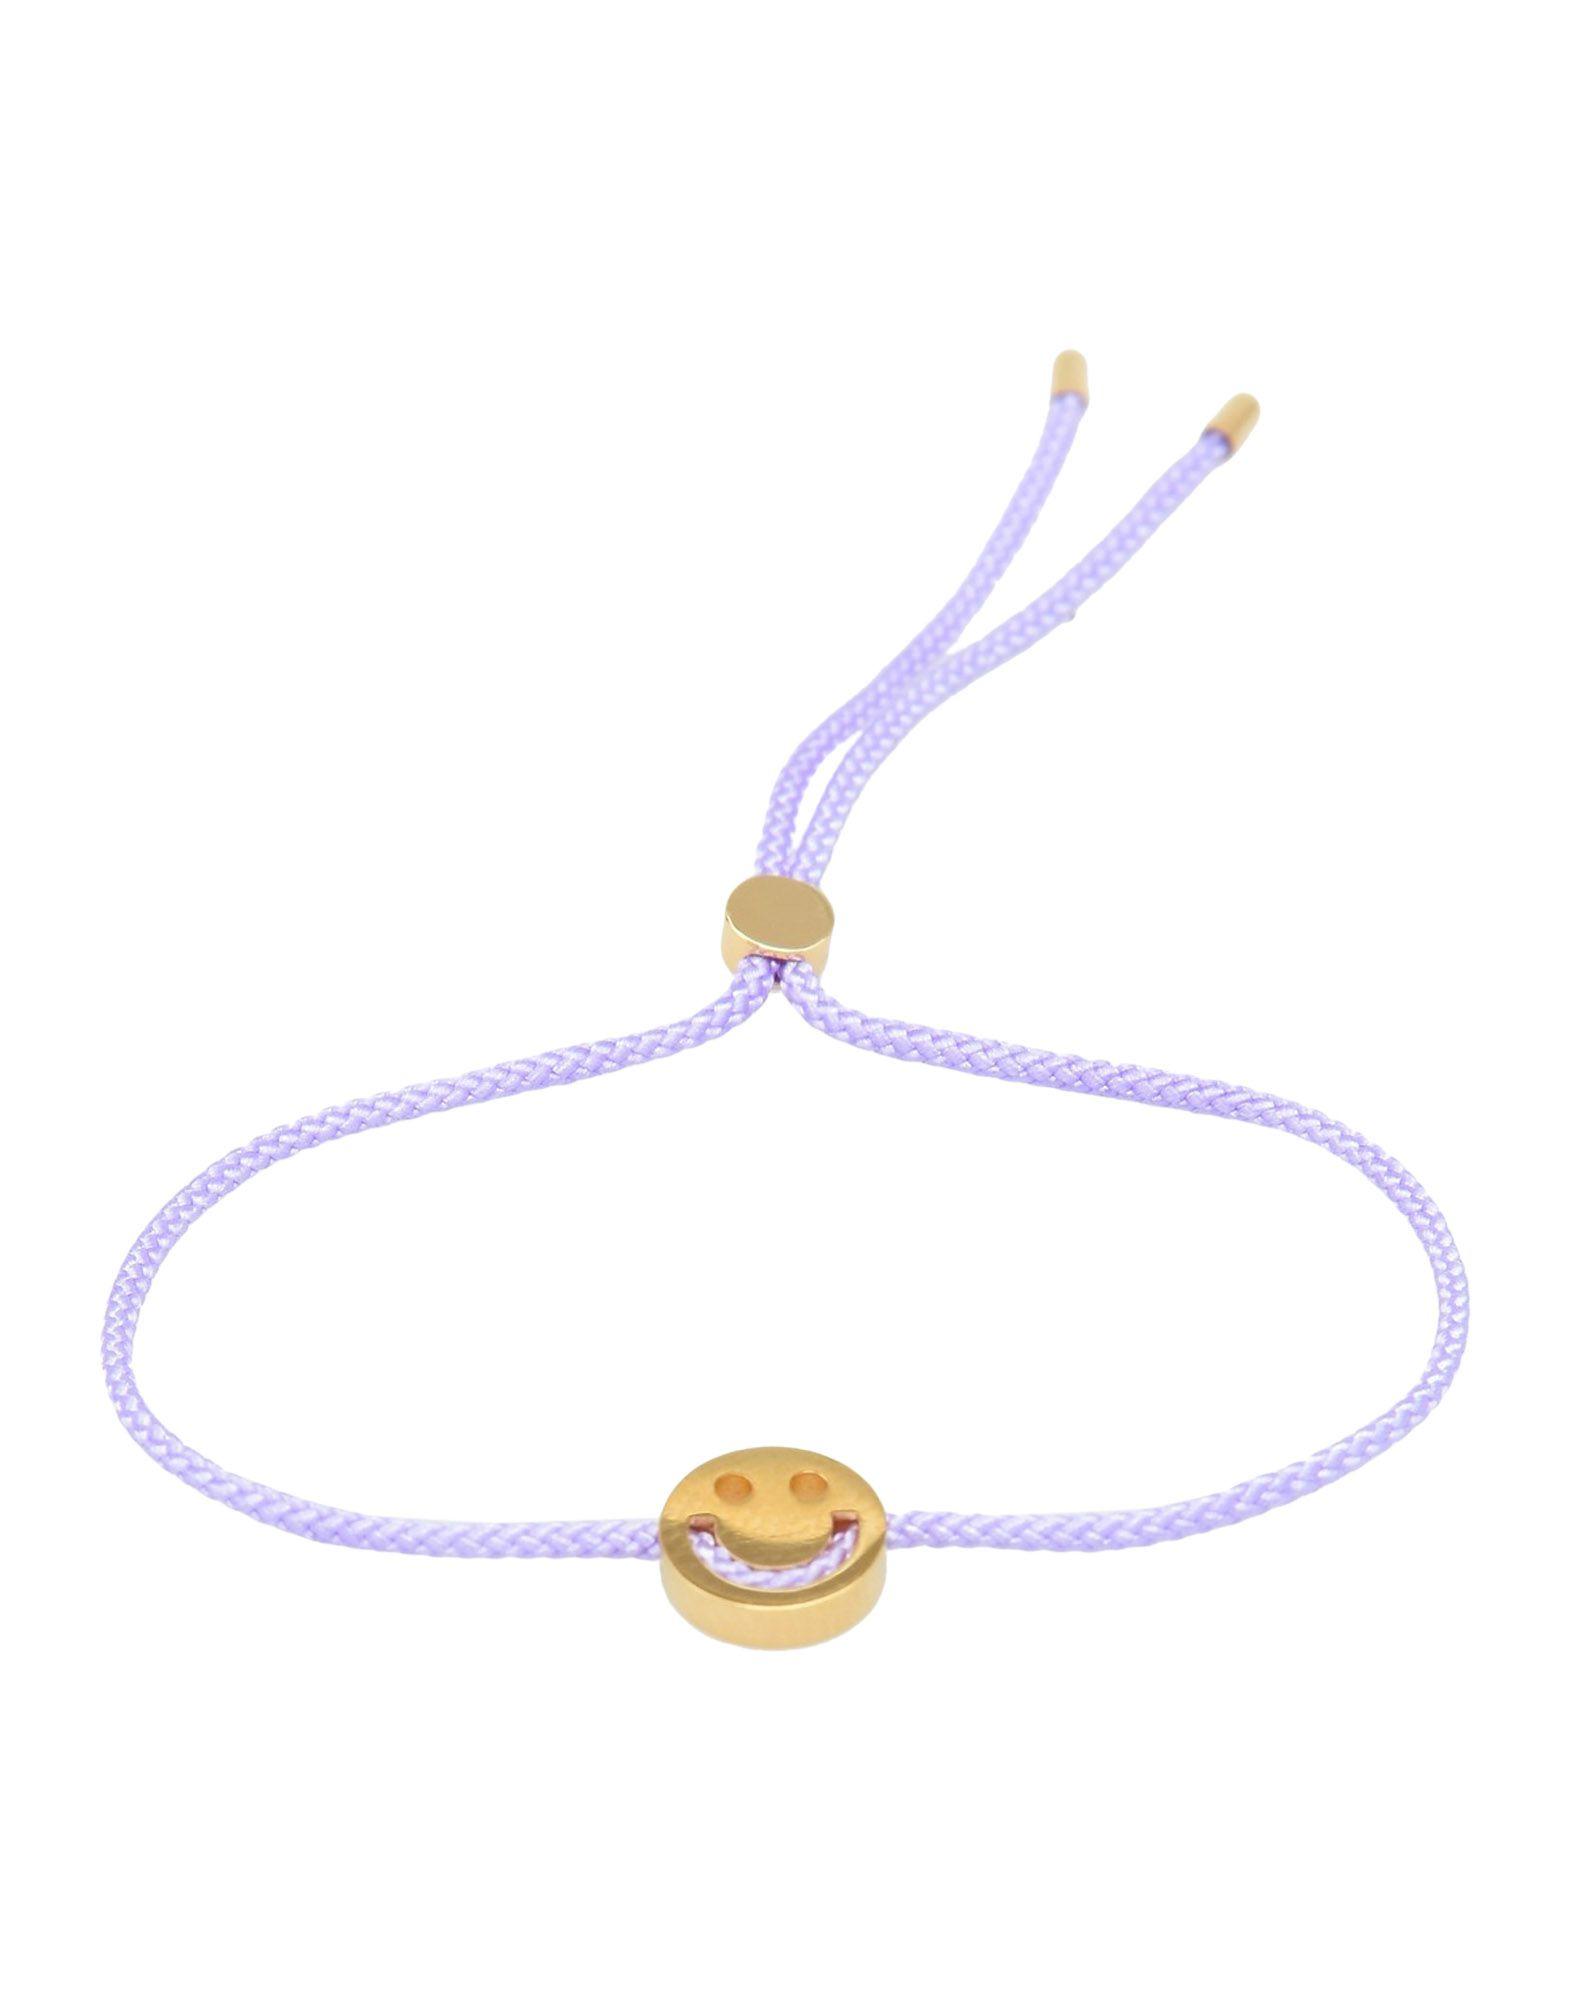 Bracciale Ruifier Friends Happy Bracelet_Lilac - Donna - Acquista online su